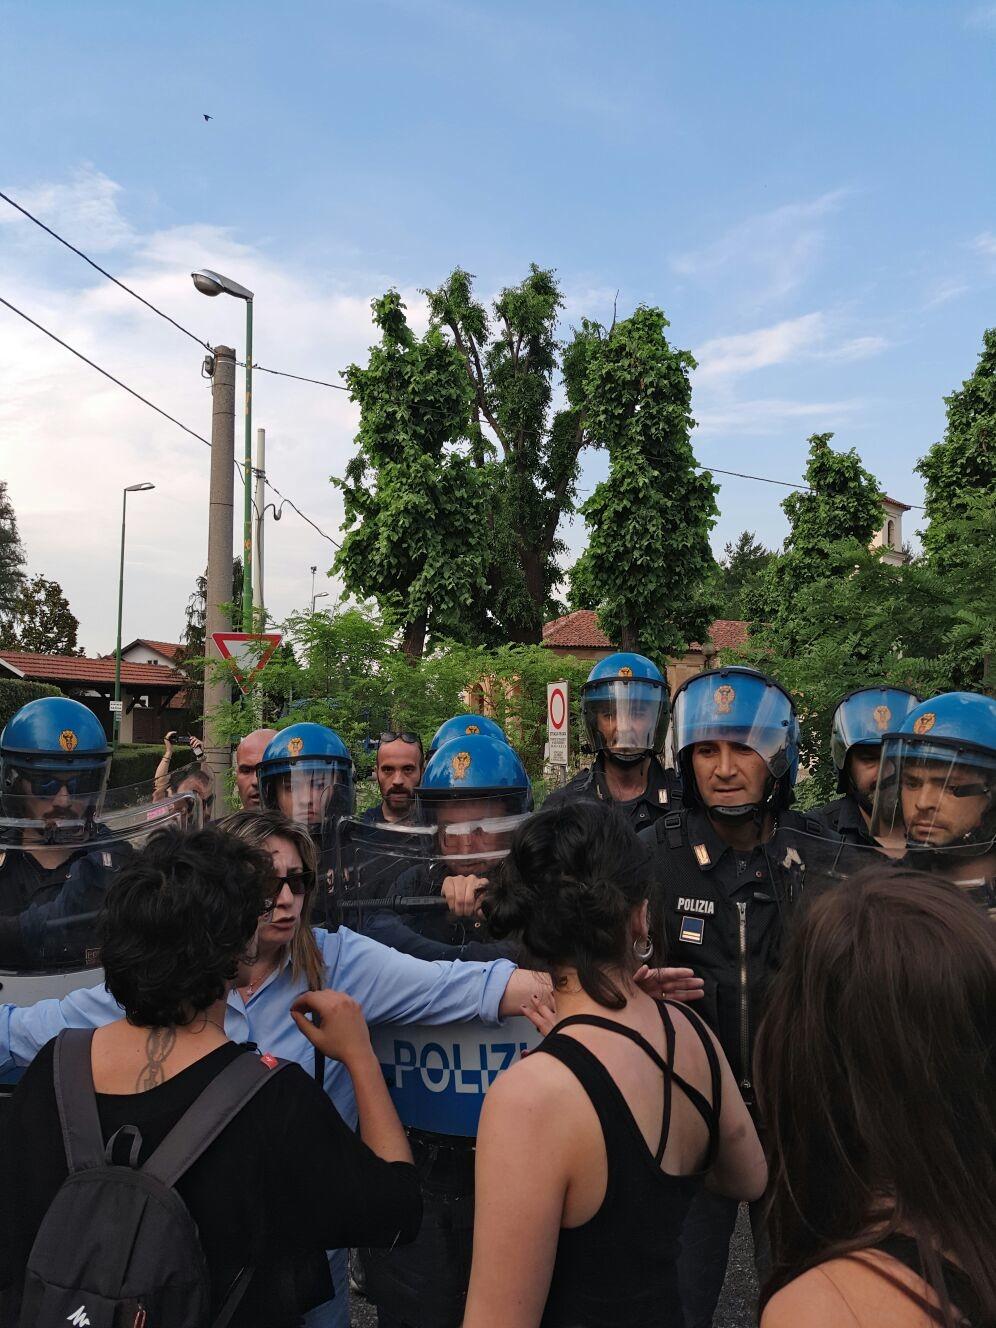 Proteste a Rivalta contro le trivelle, tensione con la polizia (VIDEO)